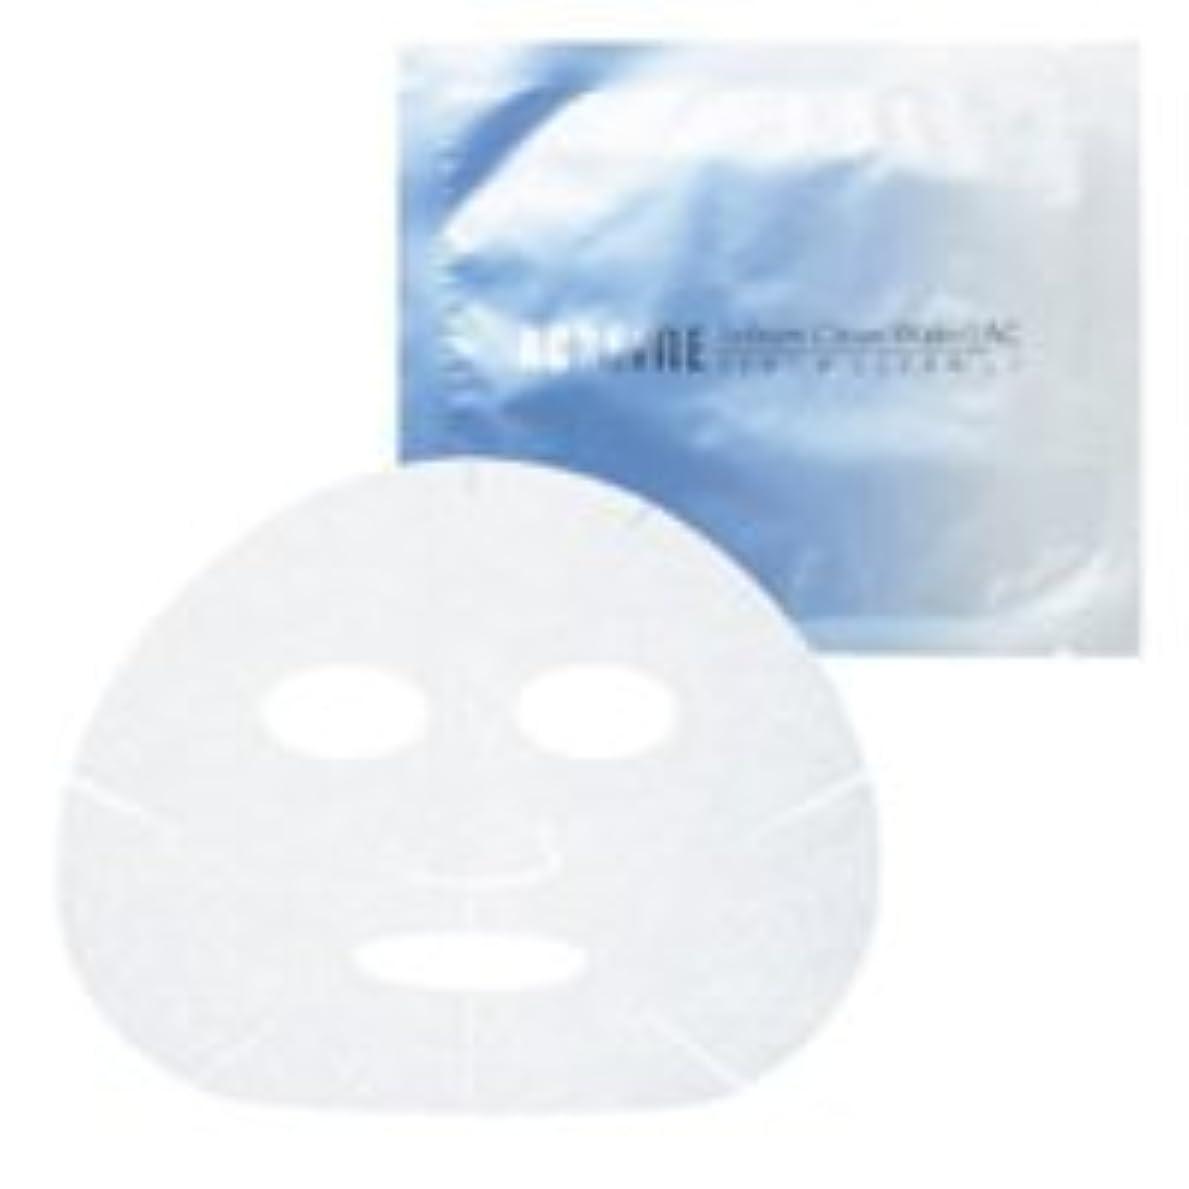 不均一物理ゴミ箱を空にするACSEINE シーバムクリーン ウォーター ACモイストマスク 16ml×6枚 [並行輸入品]